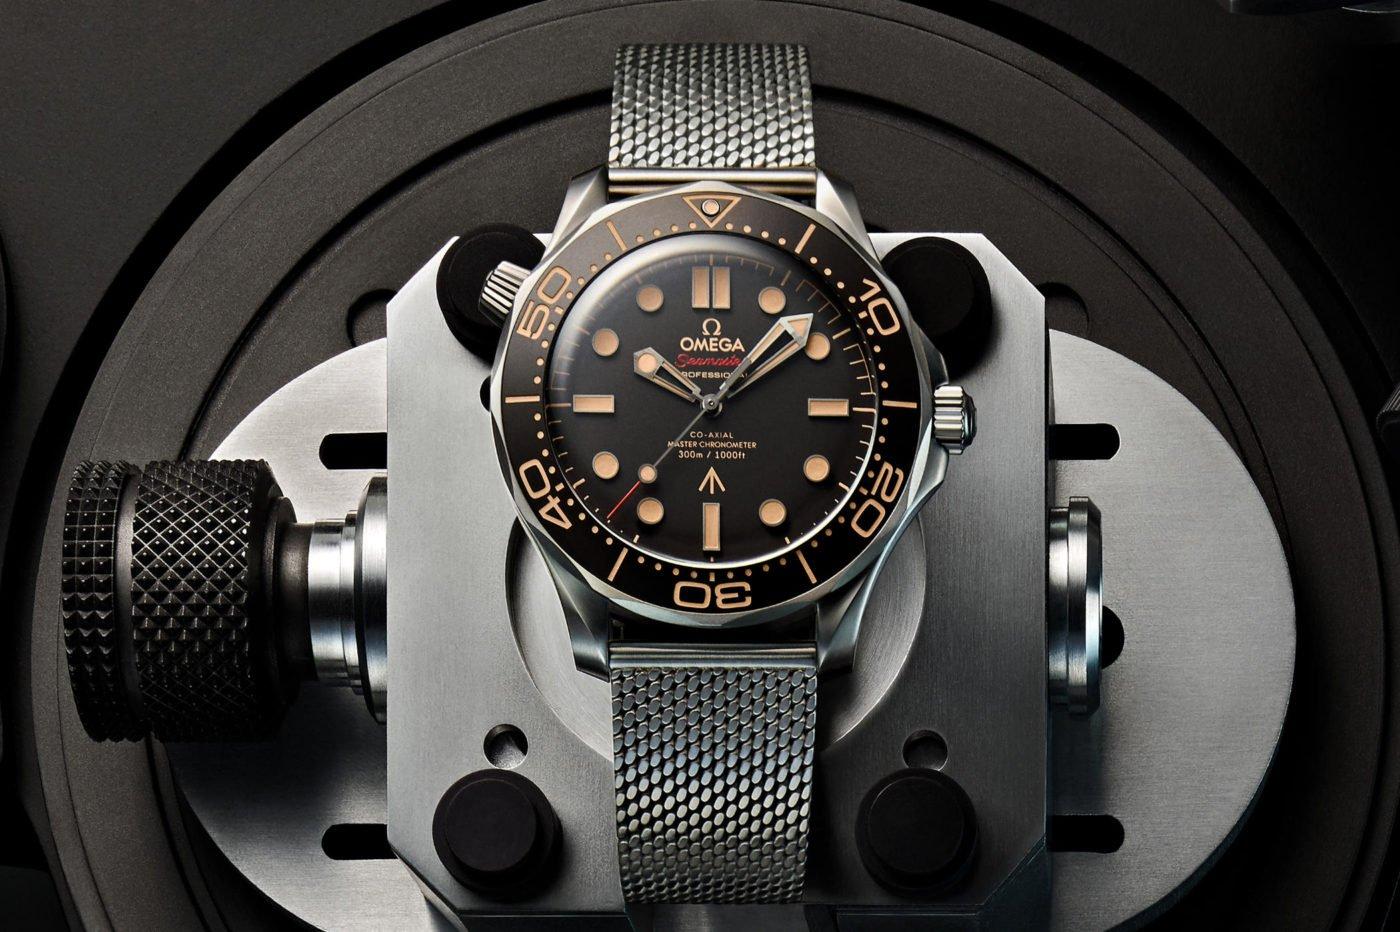 Omega Seamaster Diver 300M 007 Edition – oficjalny zegarek Jamesa Bonda w filmie No Time To Die [dostępność, cena]